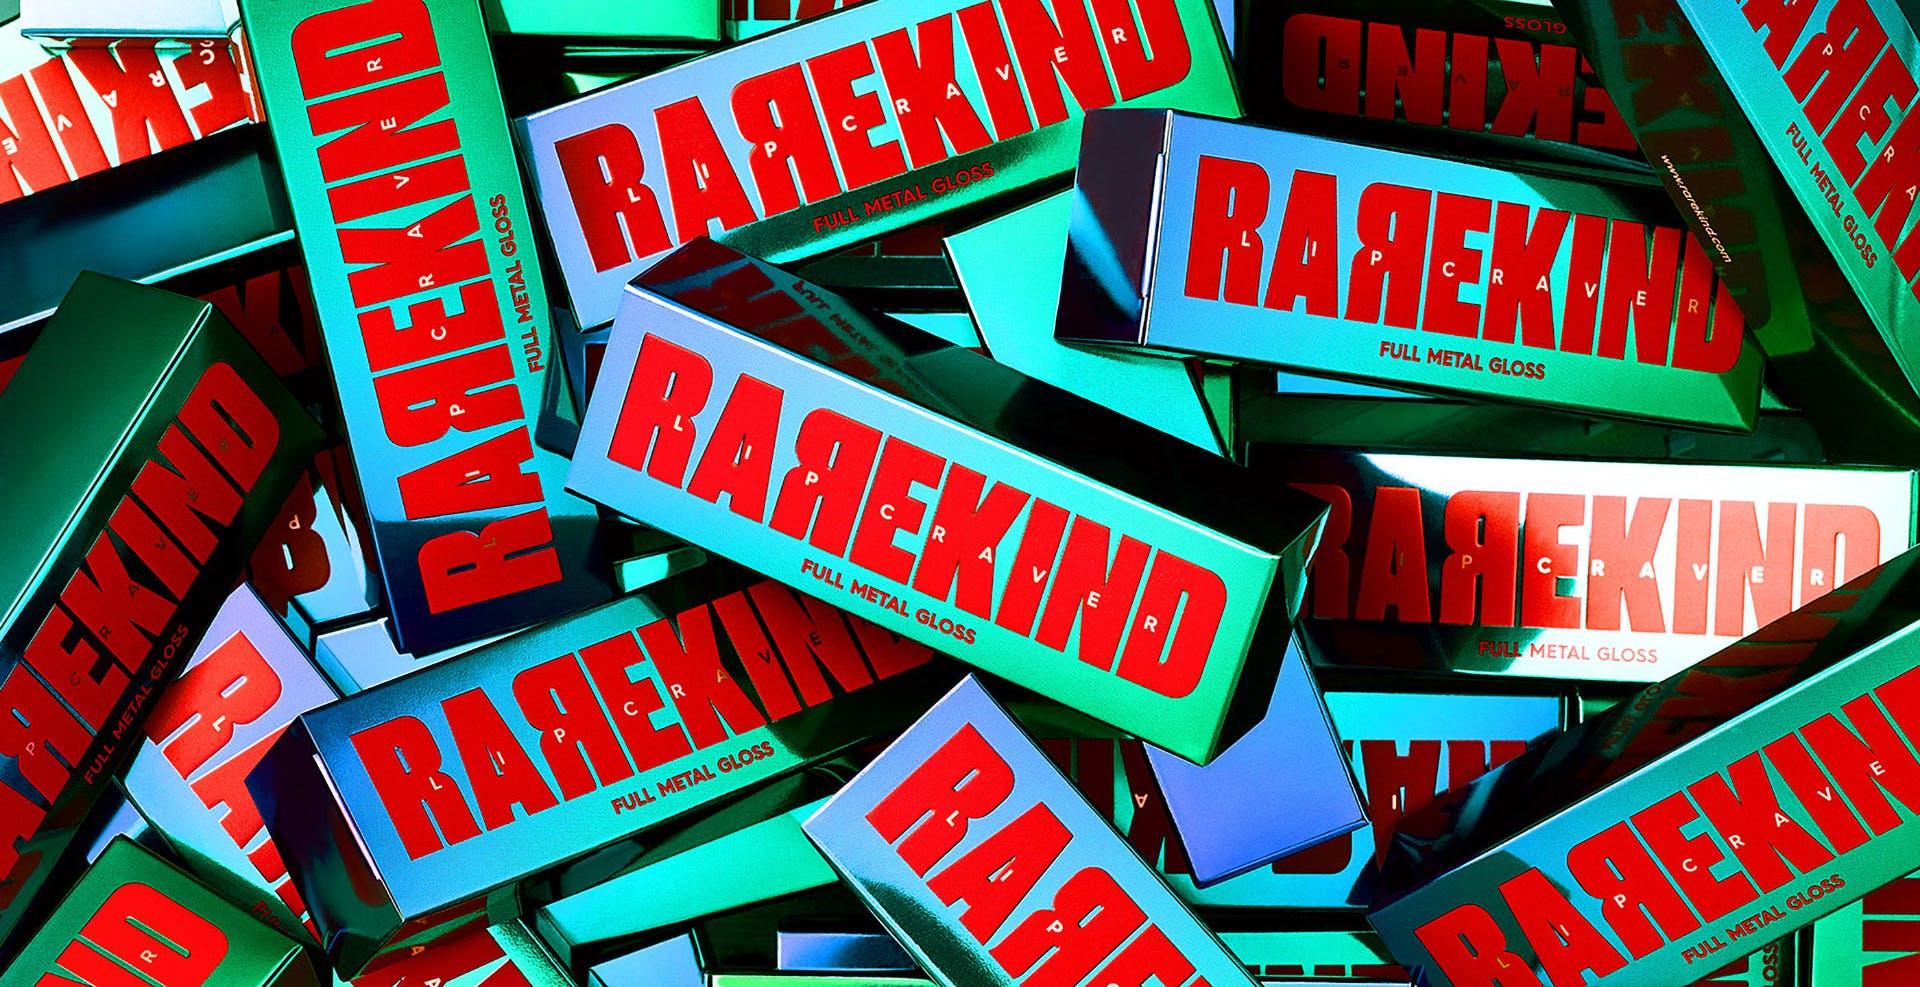 Rarekind identity by Studio Nari